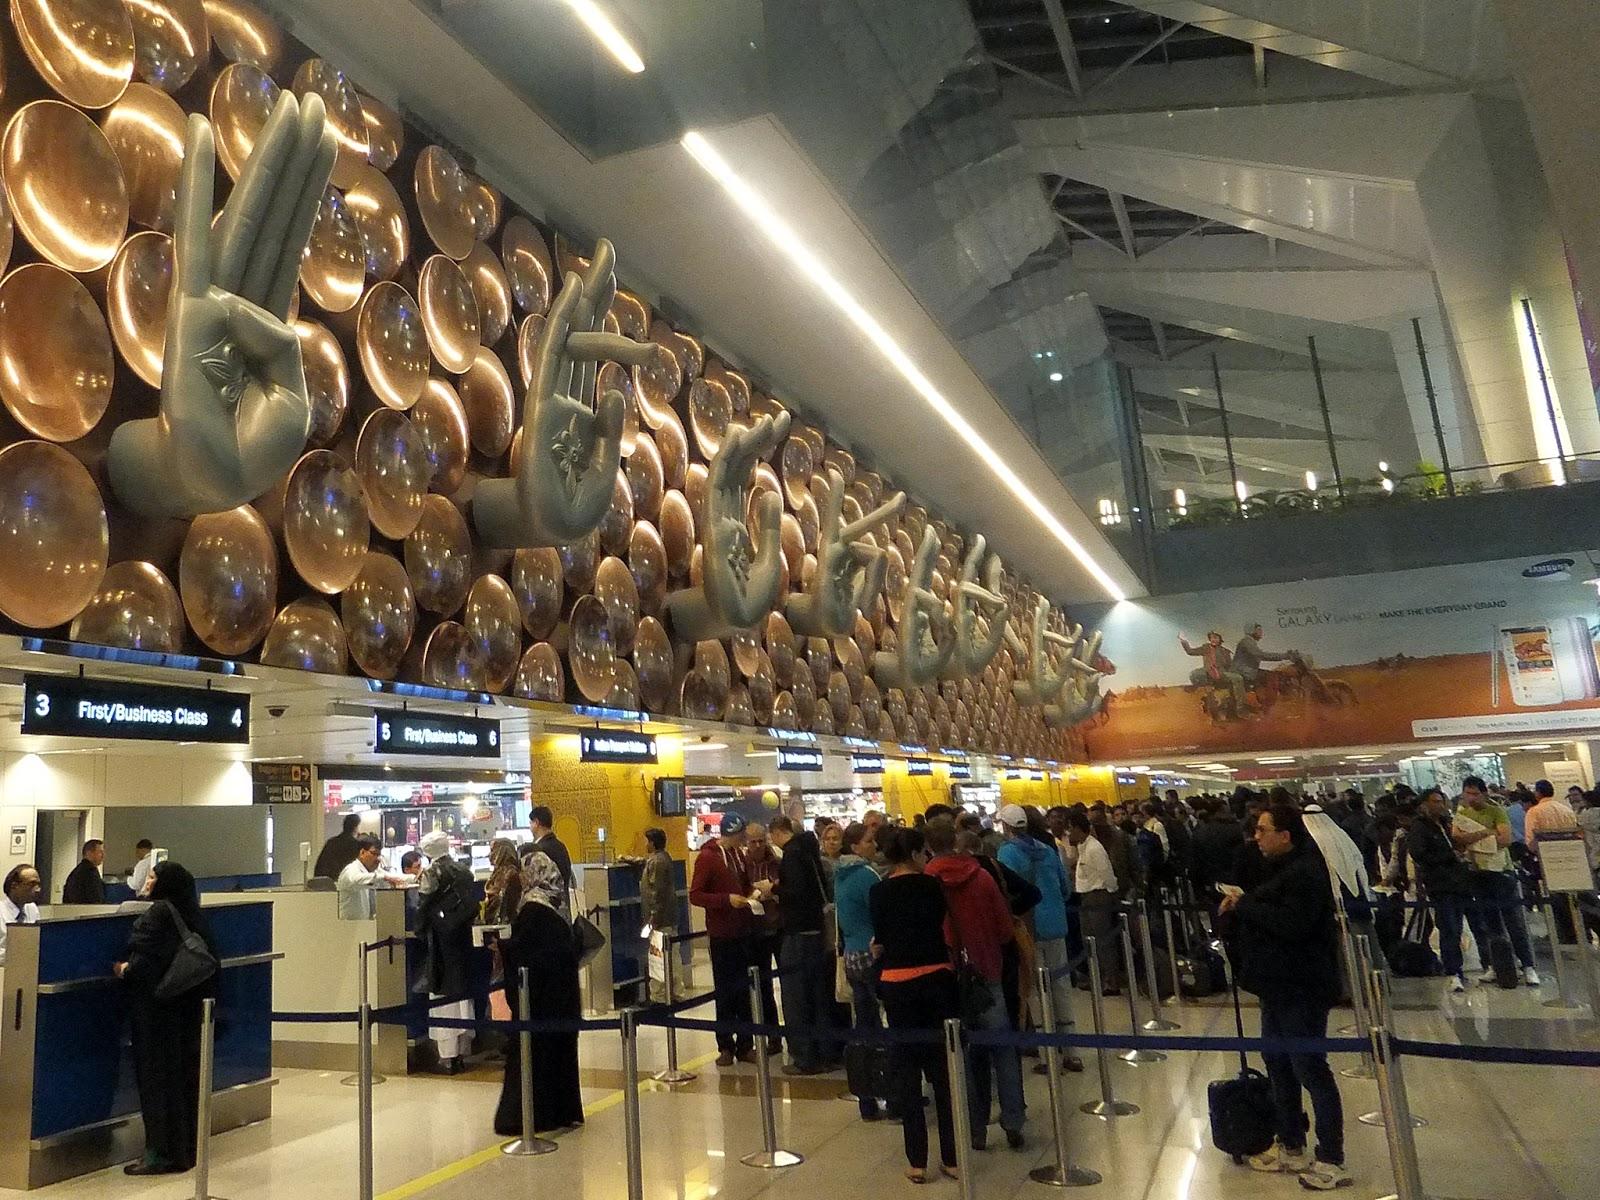 Зал пограничного контроля международного аэропорта Дели